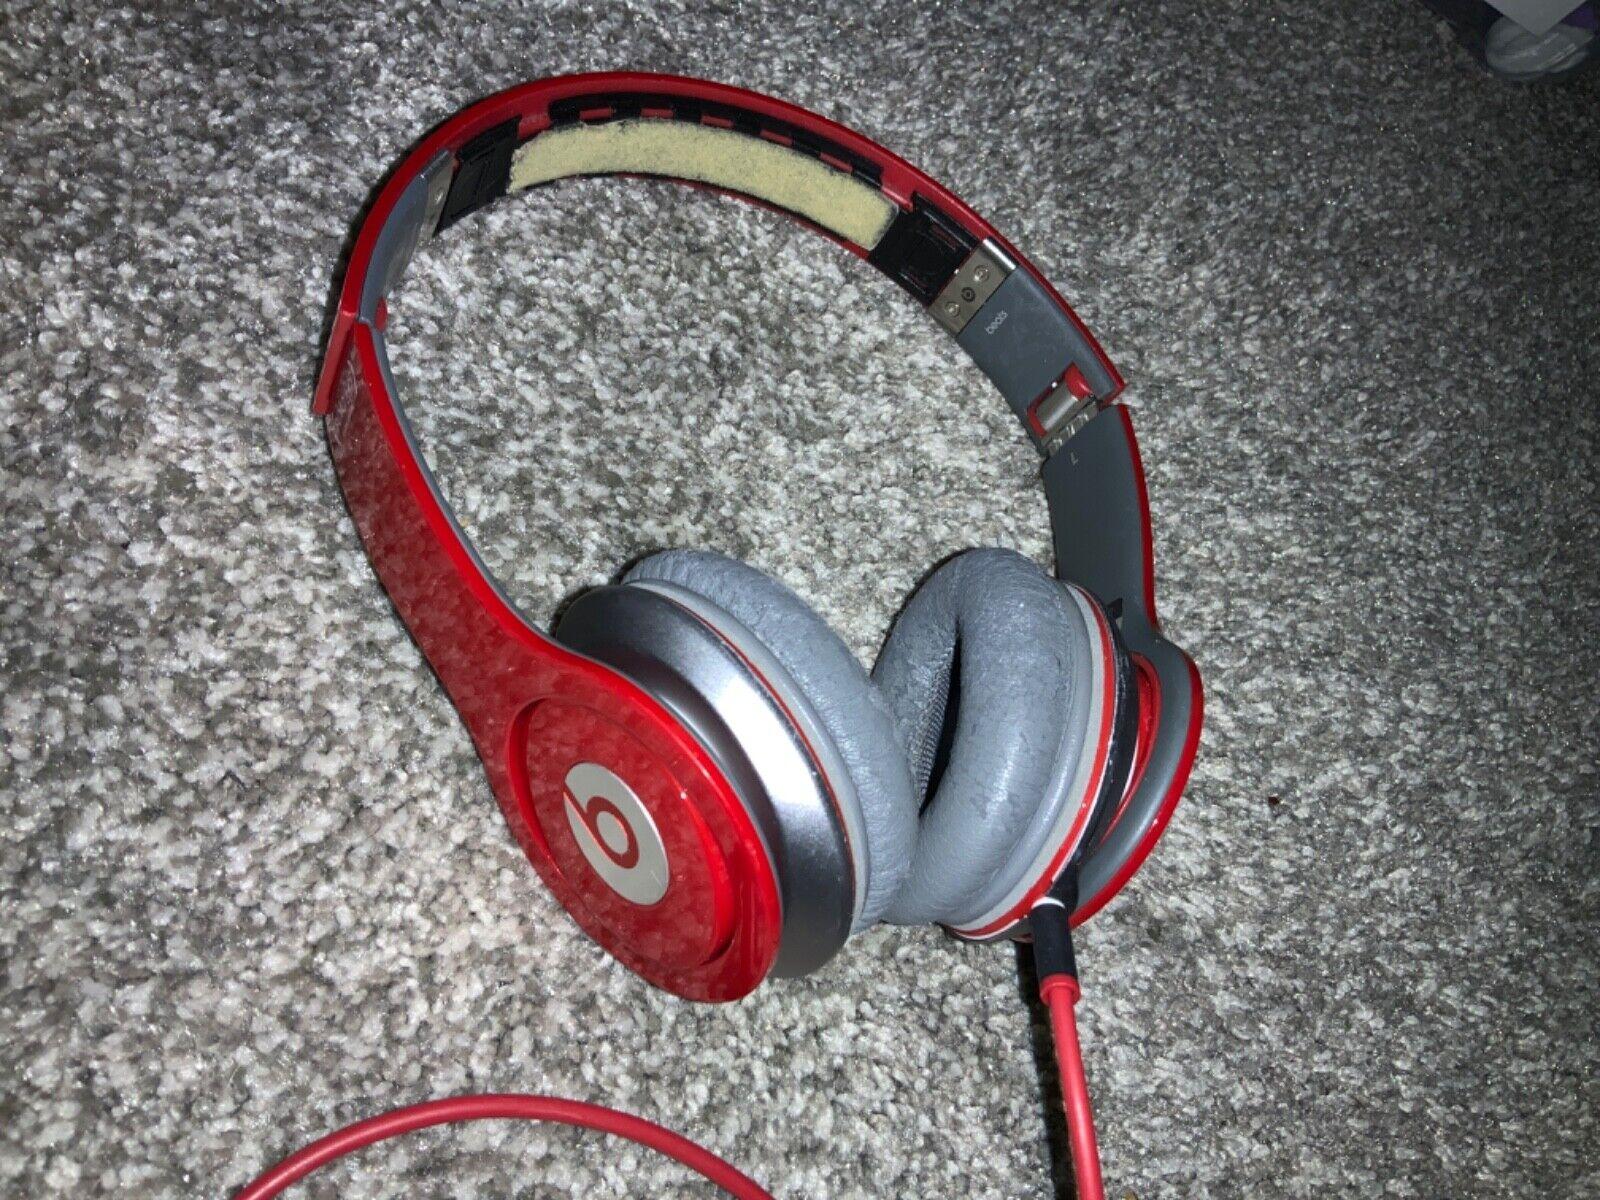 Beats Headphones Red - $17.99